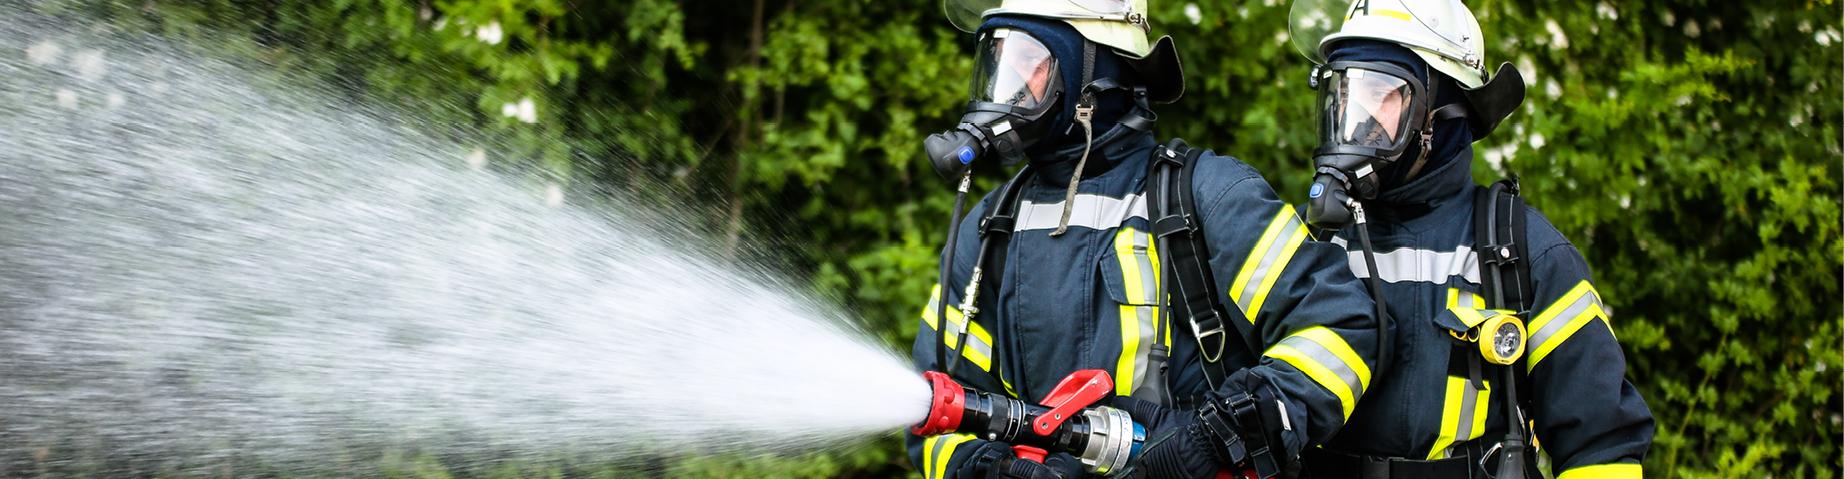 Zwei Feuerwehrmänner beim Löscheinsatz.